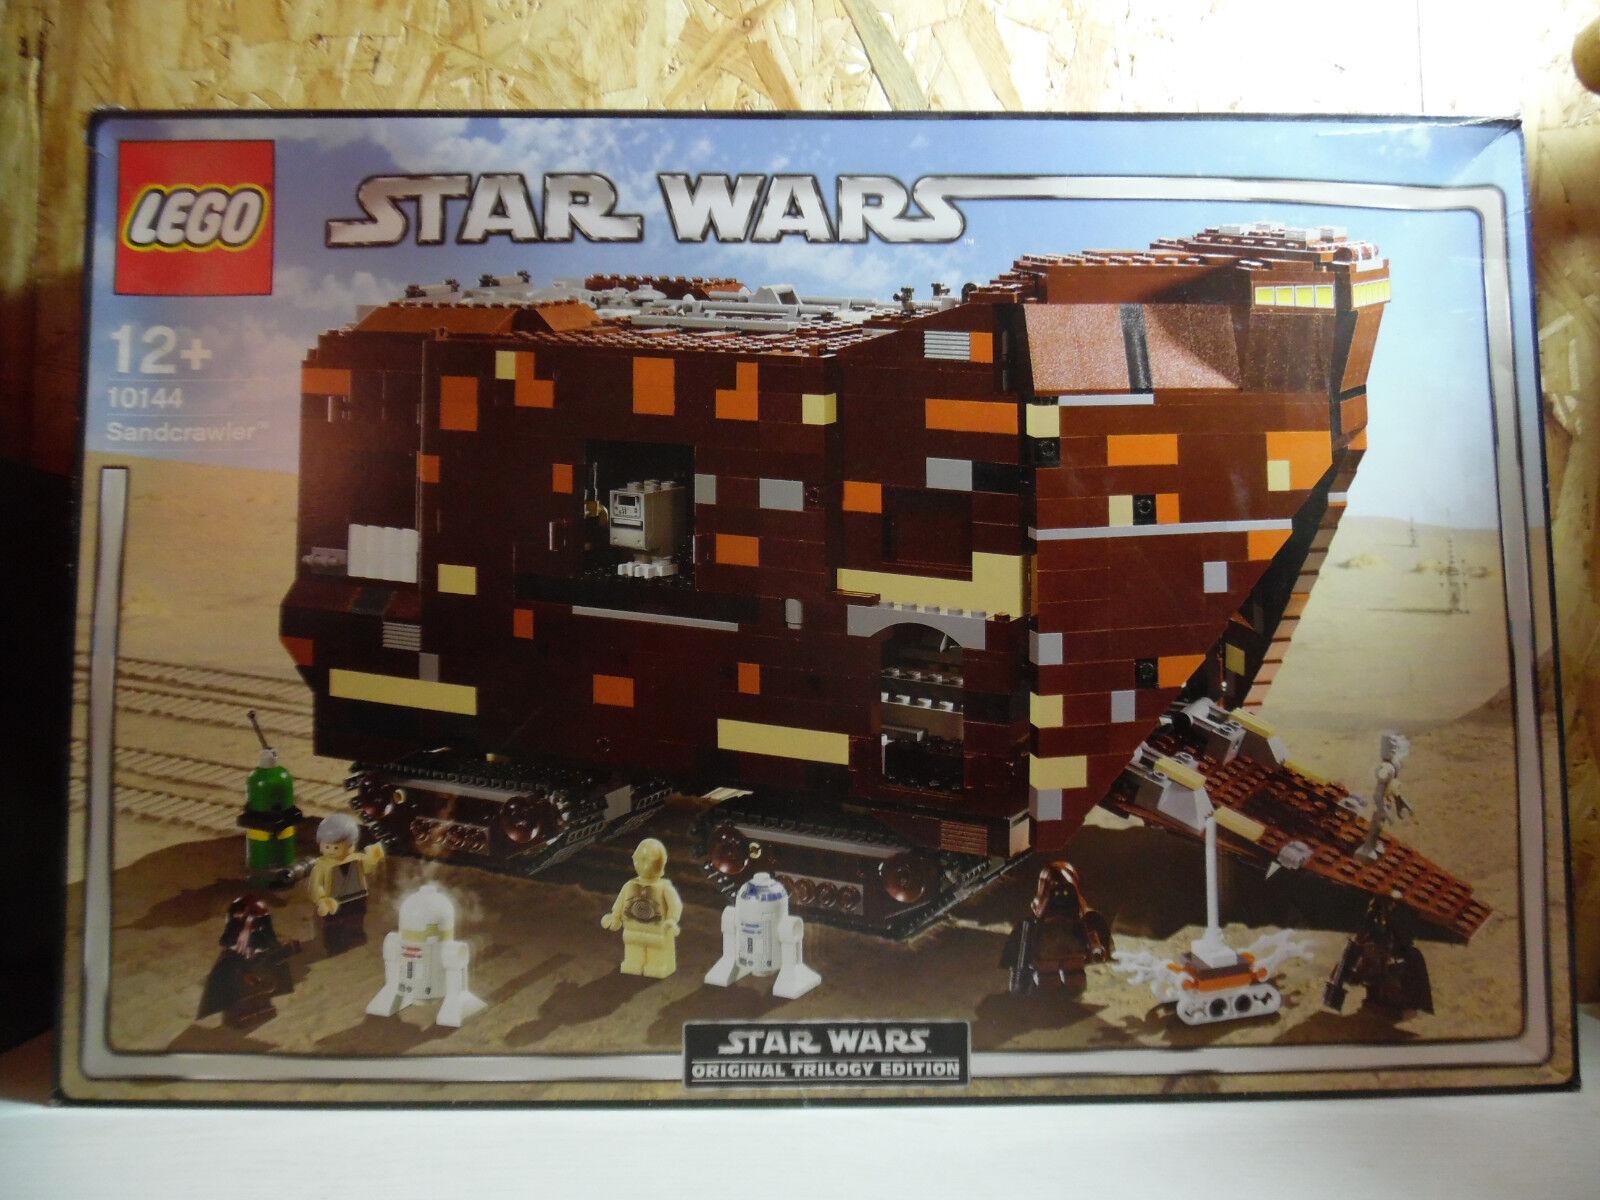 LEGO Star Wars   Sandcrowler   10144   Neu und OVP